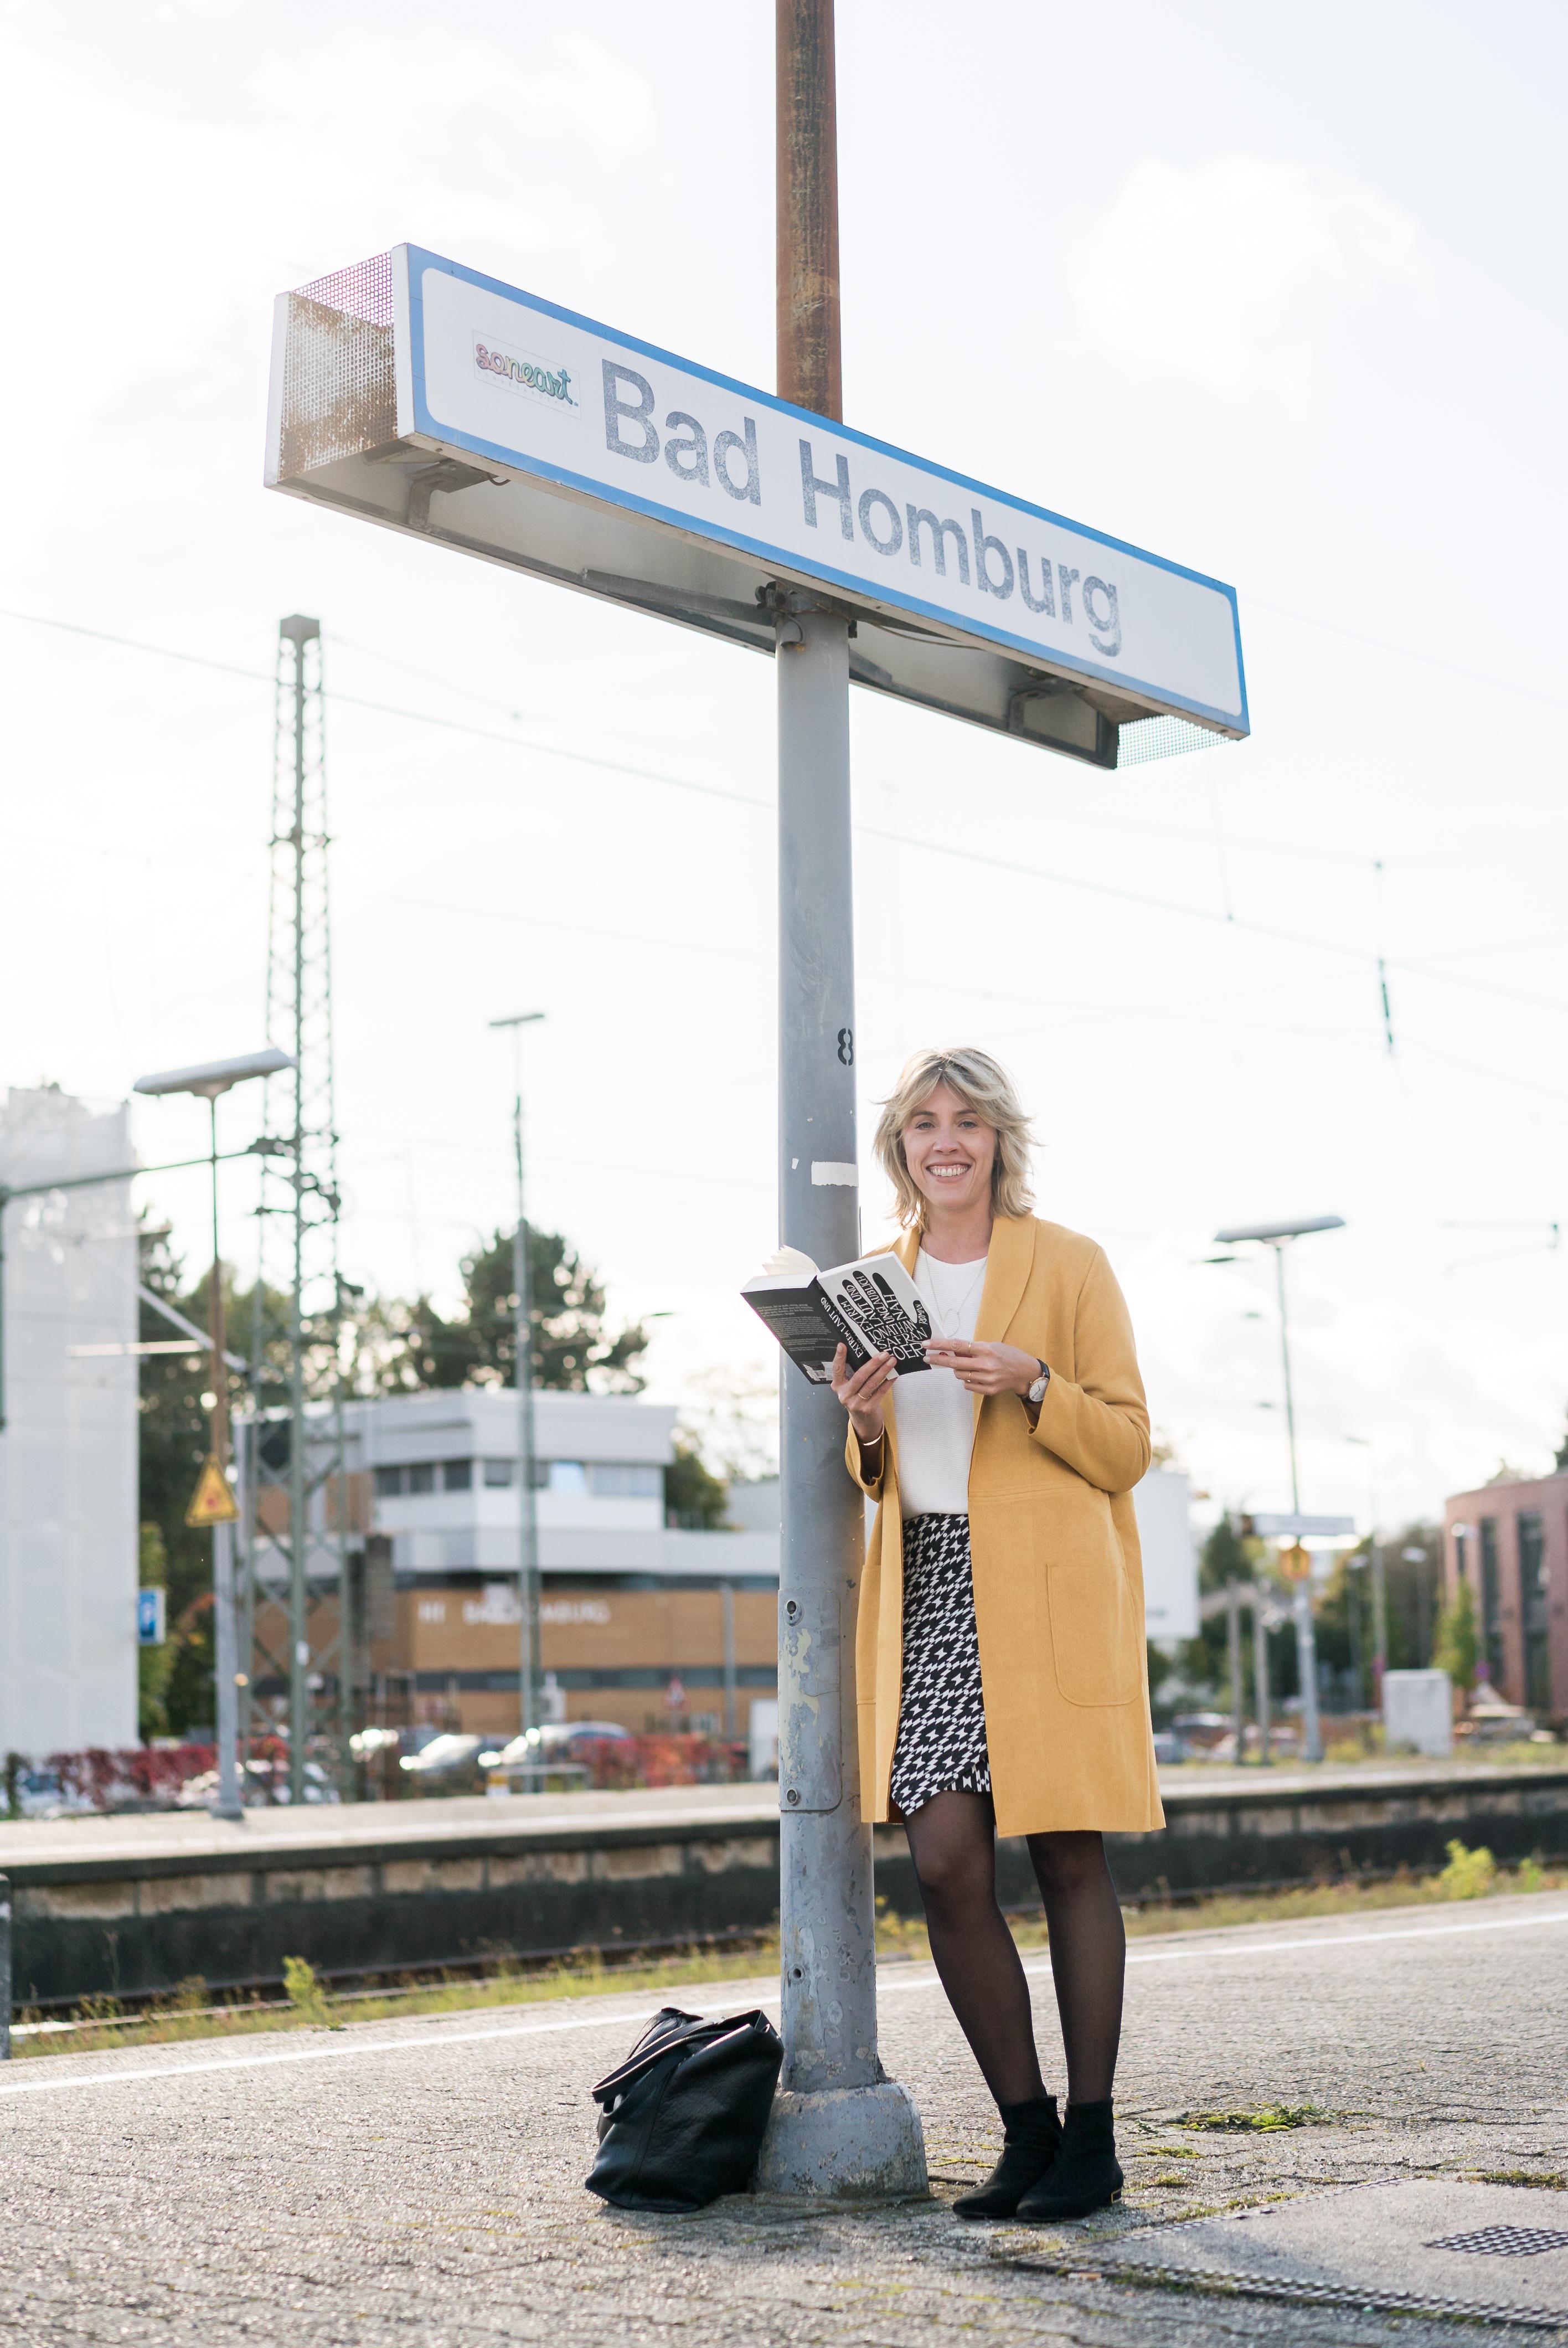 #fbm17: Rhein-Main-Bahnhofs-Hopping für die Frankfurter Buchmesse 2017